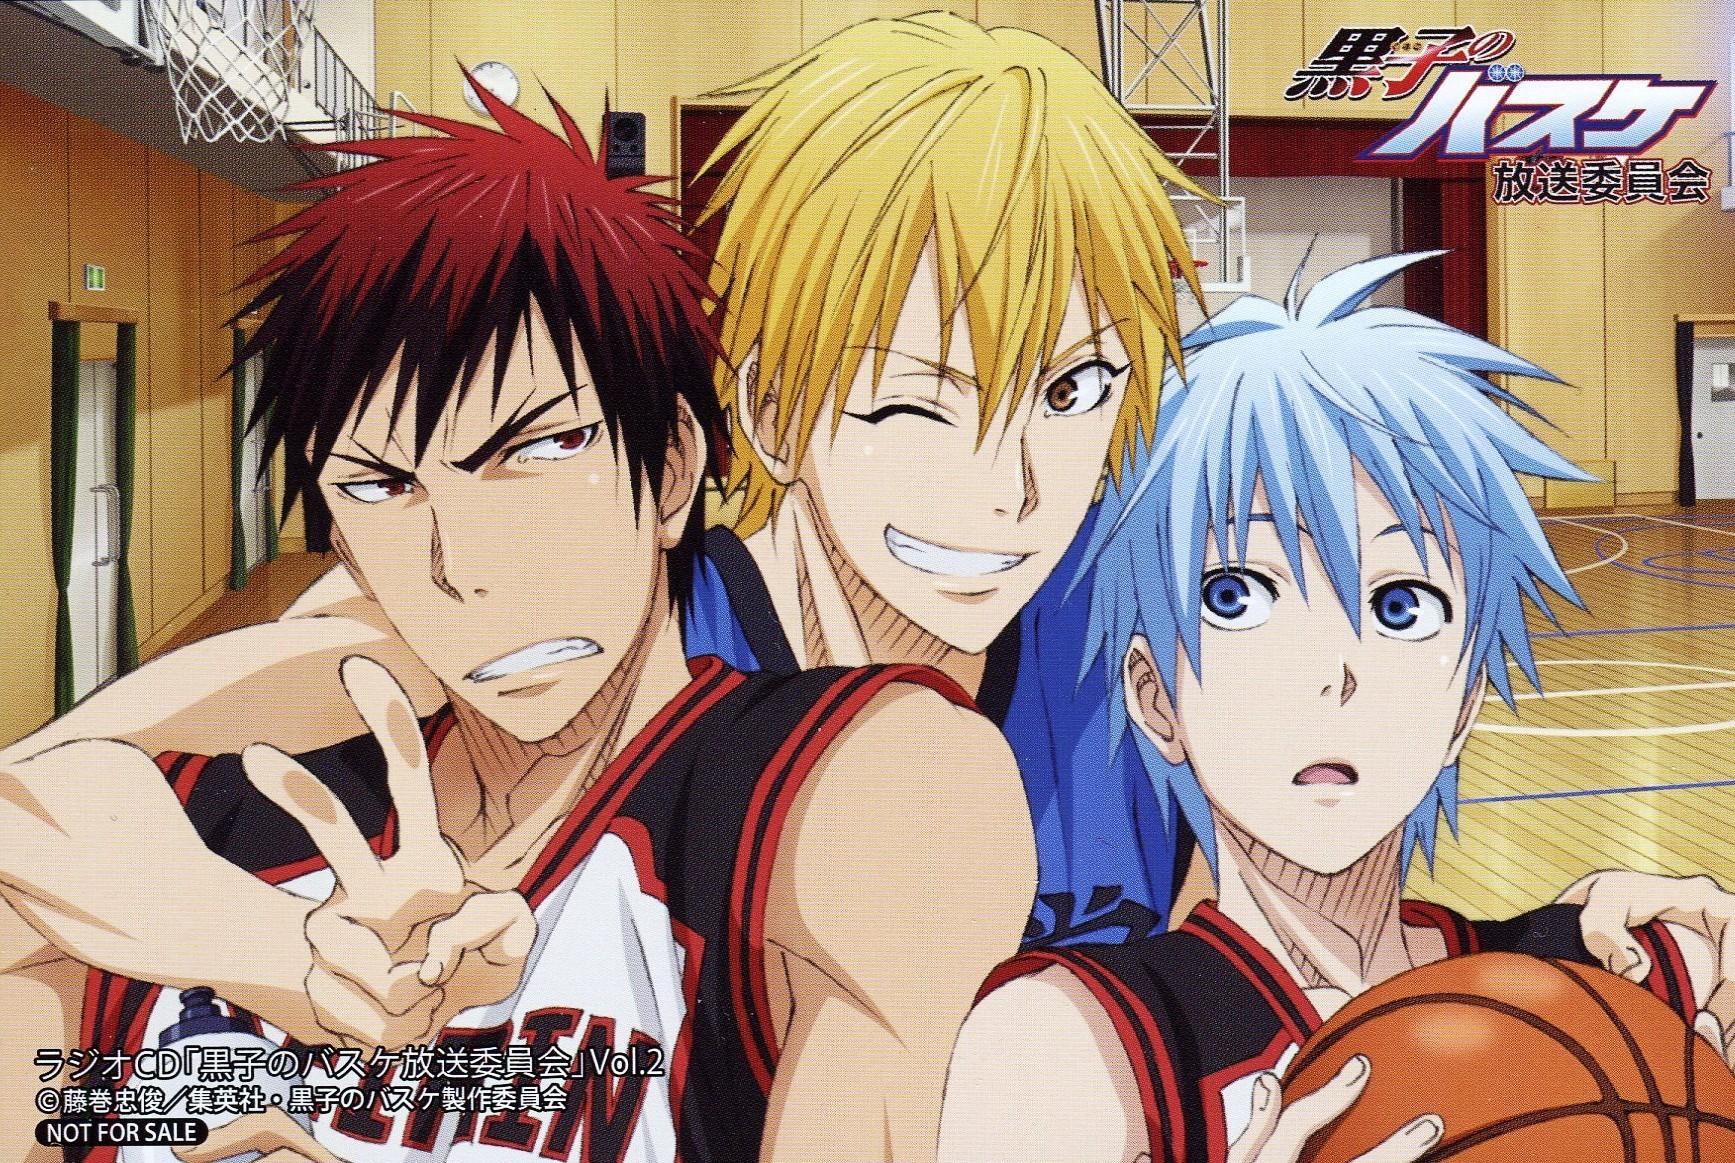 Quel personnage de Kuroko's Basket es-tu ?